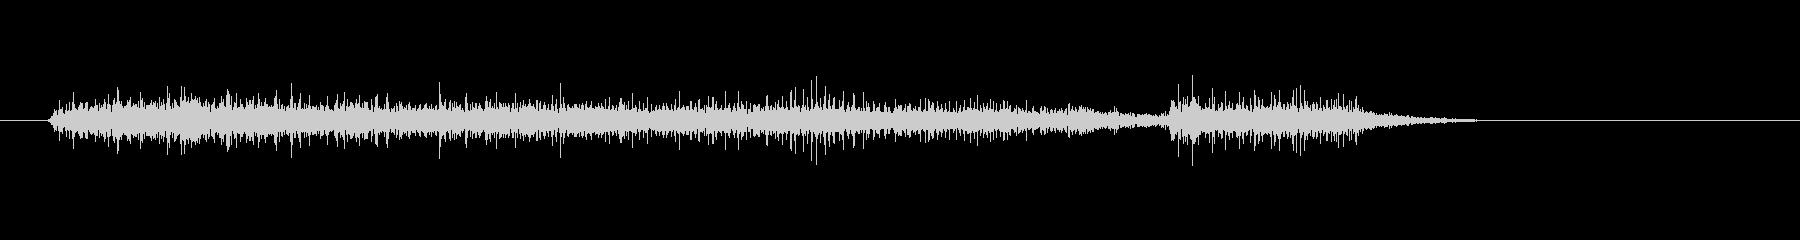 もう限界な感じのリアルなオナラの音の未再生の波形